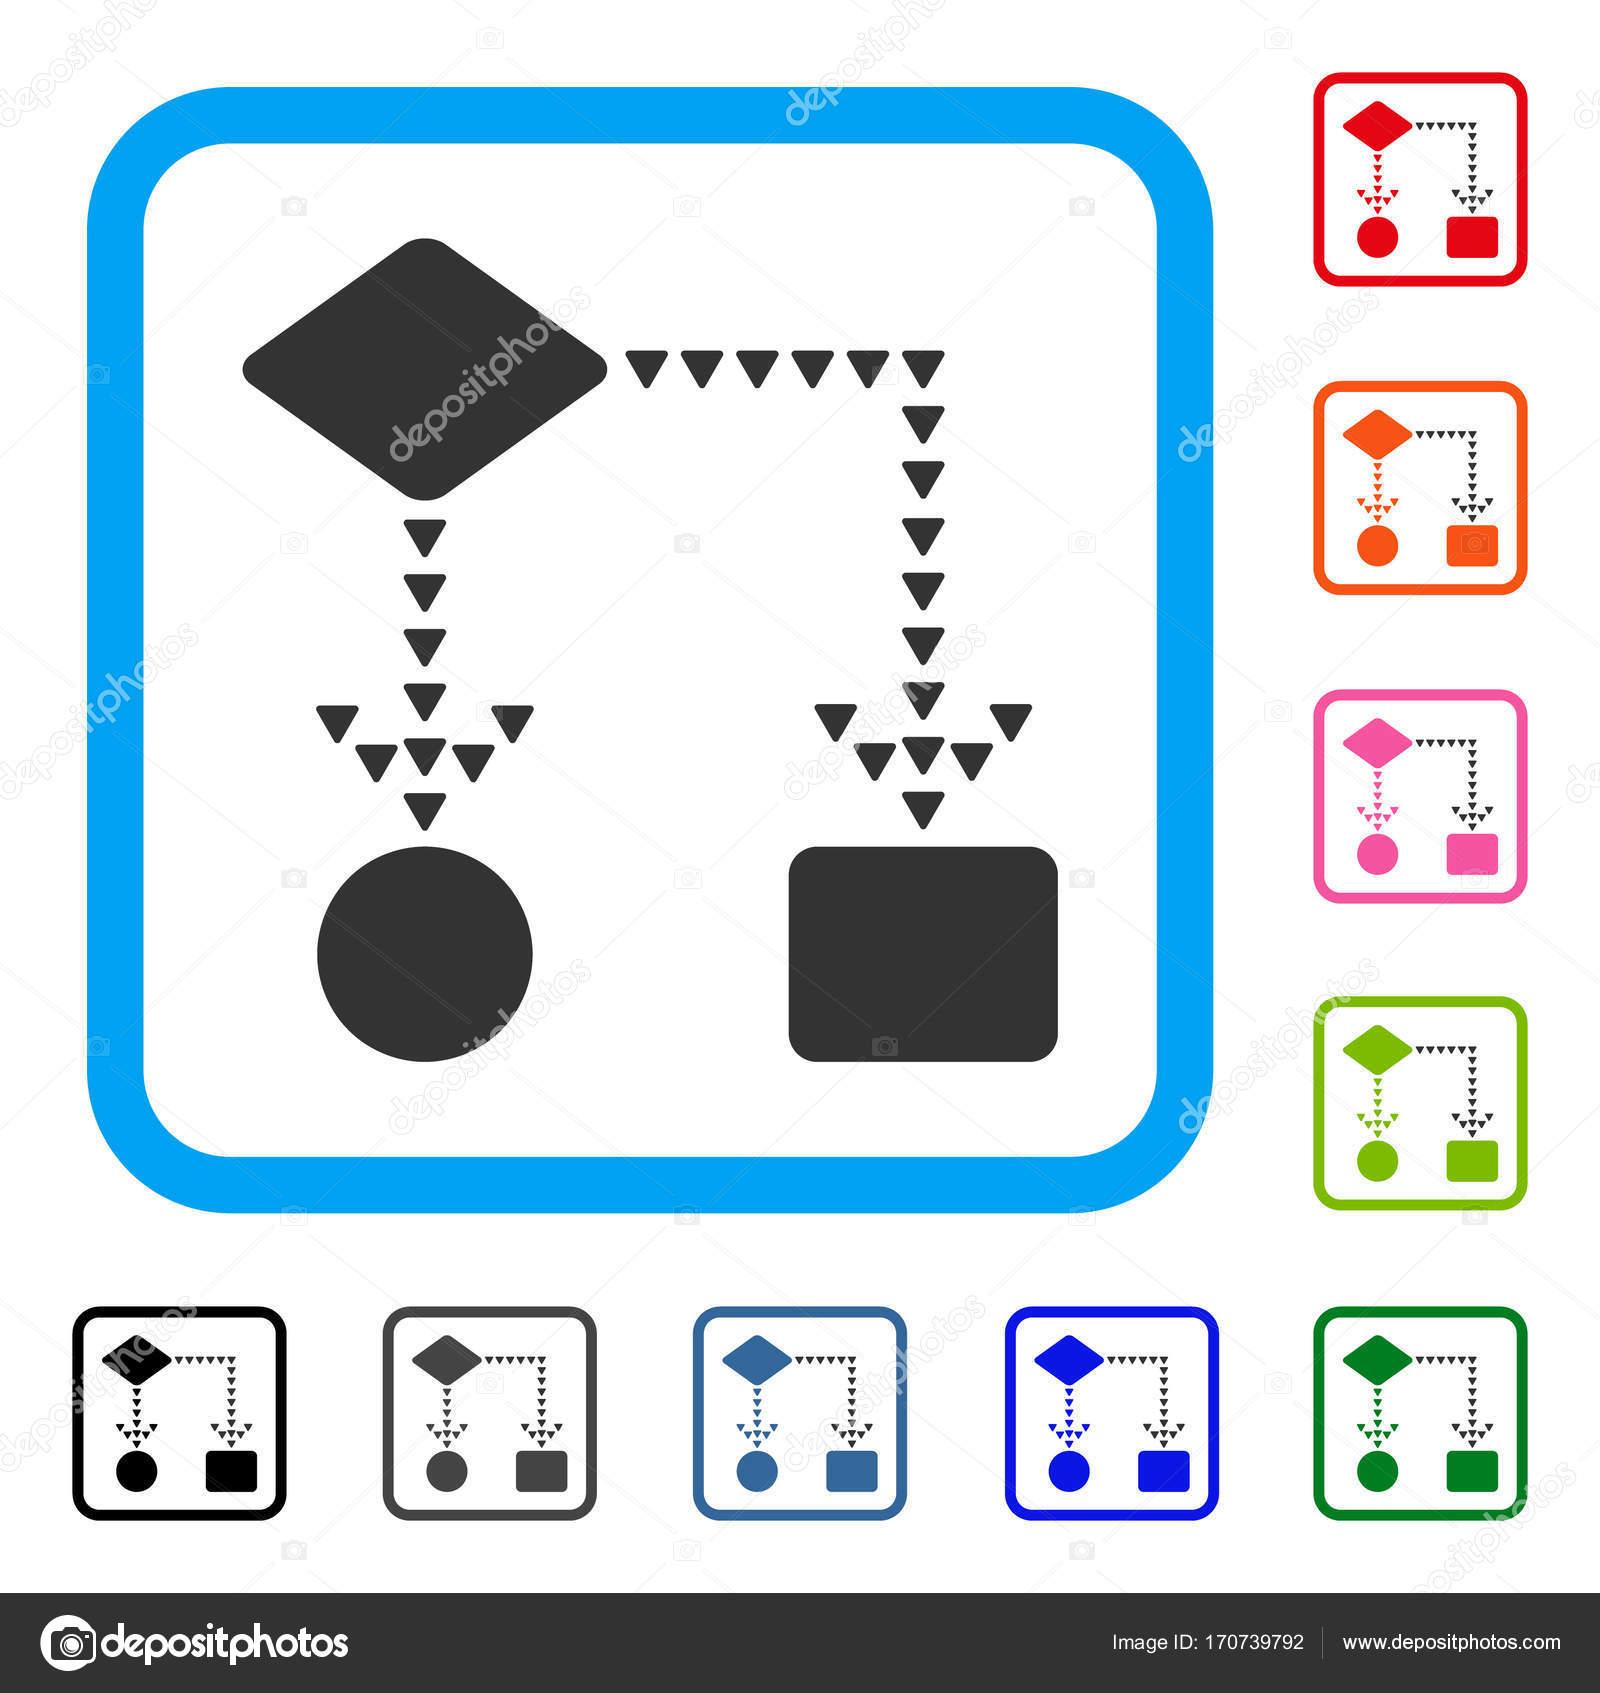 Diagrama de flujo algoritmo enmarcada icono vector de stock diagrama de flujo algoritmo enmarcada icono vector de stock ccuart Choice Image